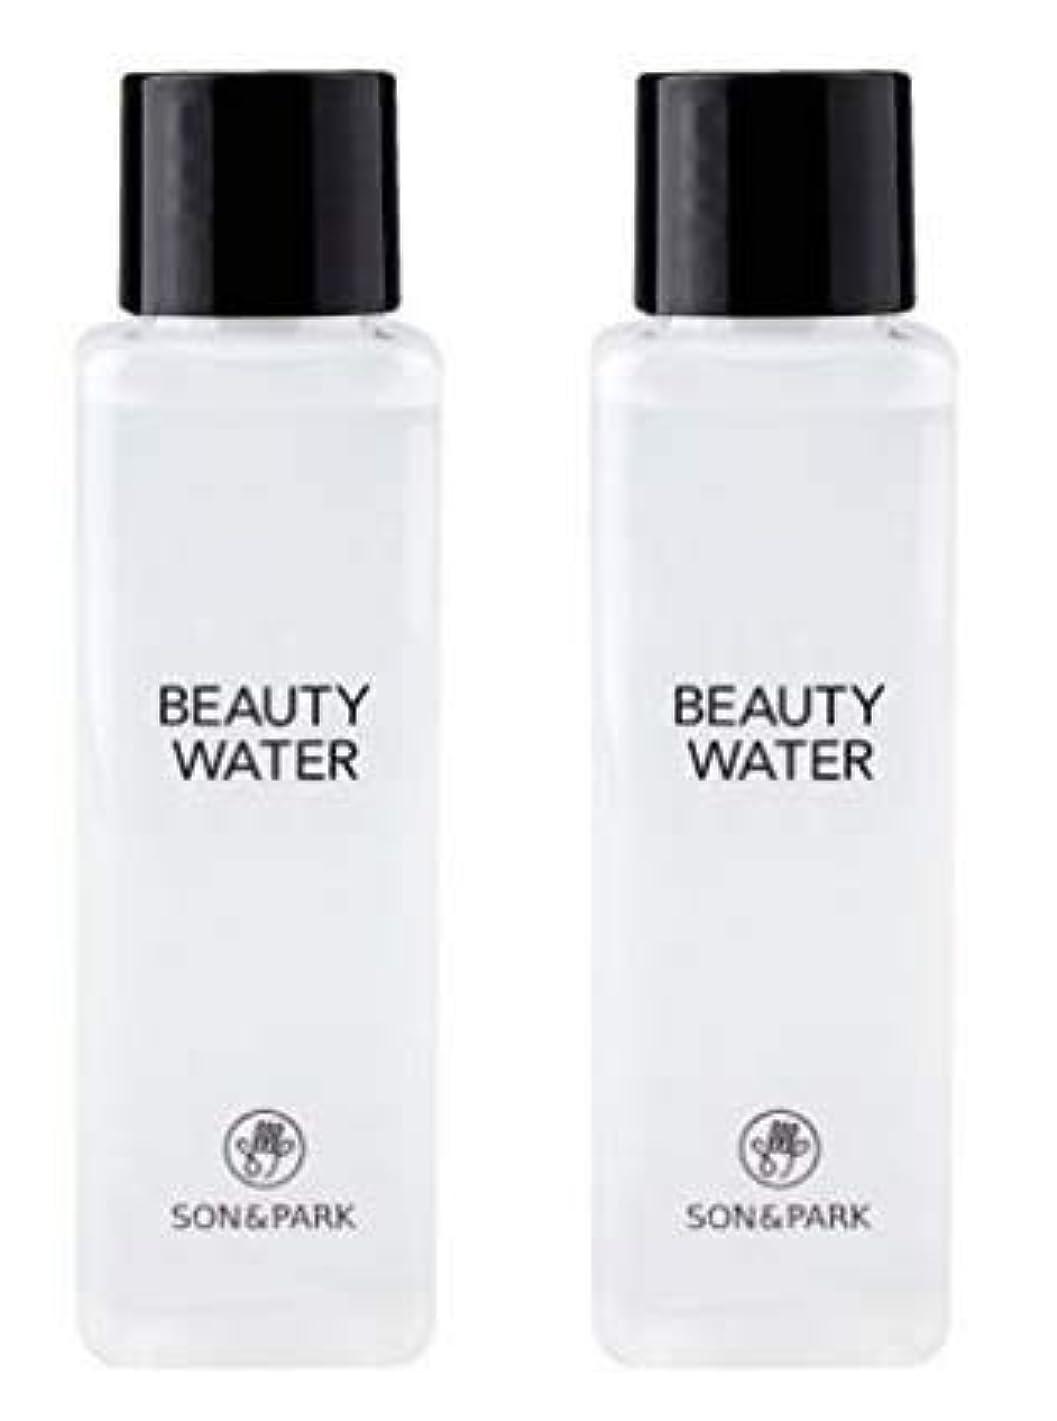 とティームジャンプセッションSON&PARK Beauty Water 60ml*2 / ソン&パク ビューティー ウォーター 60ml*2 [並行輸入品]